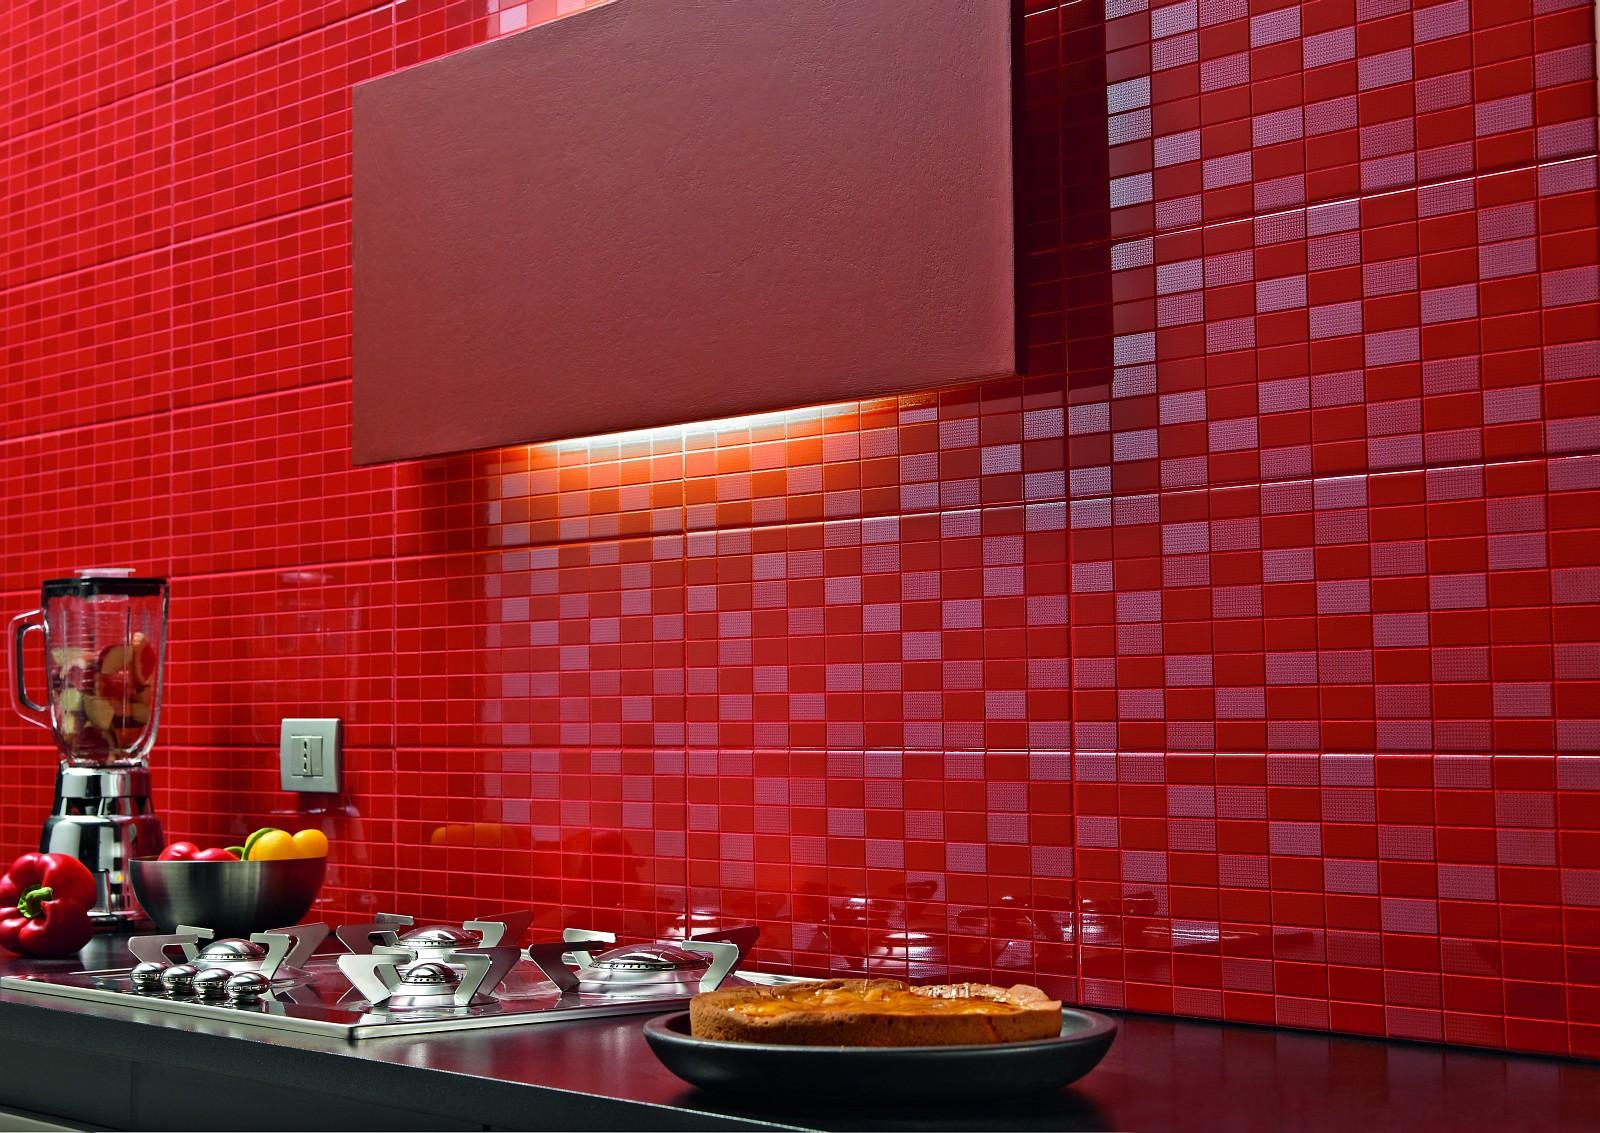 Dots piastrelle da rivestimento lucide marazzi - Bagno mosaico rosso ...